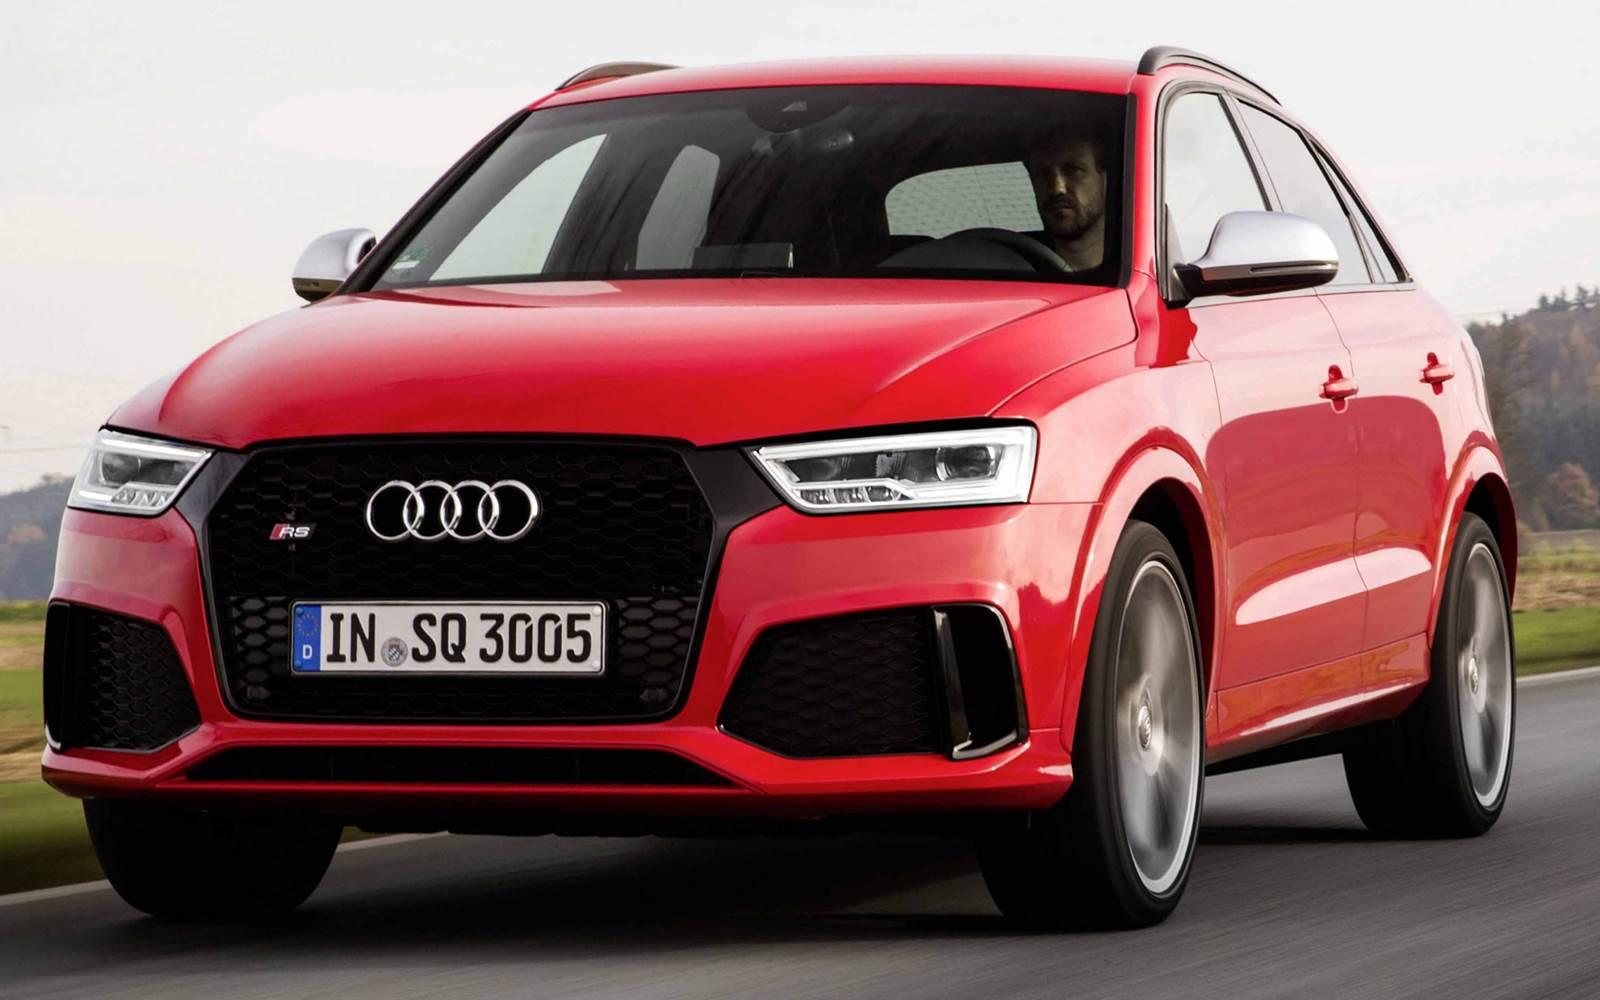 Novo Audi RS Q3 2015